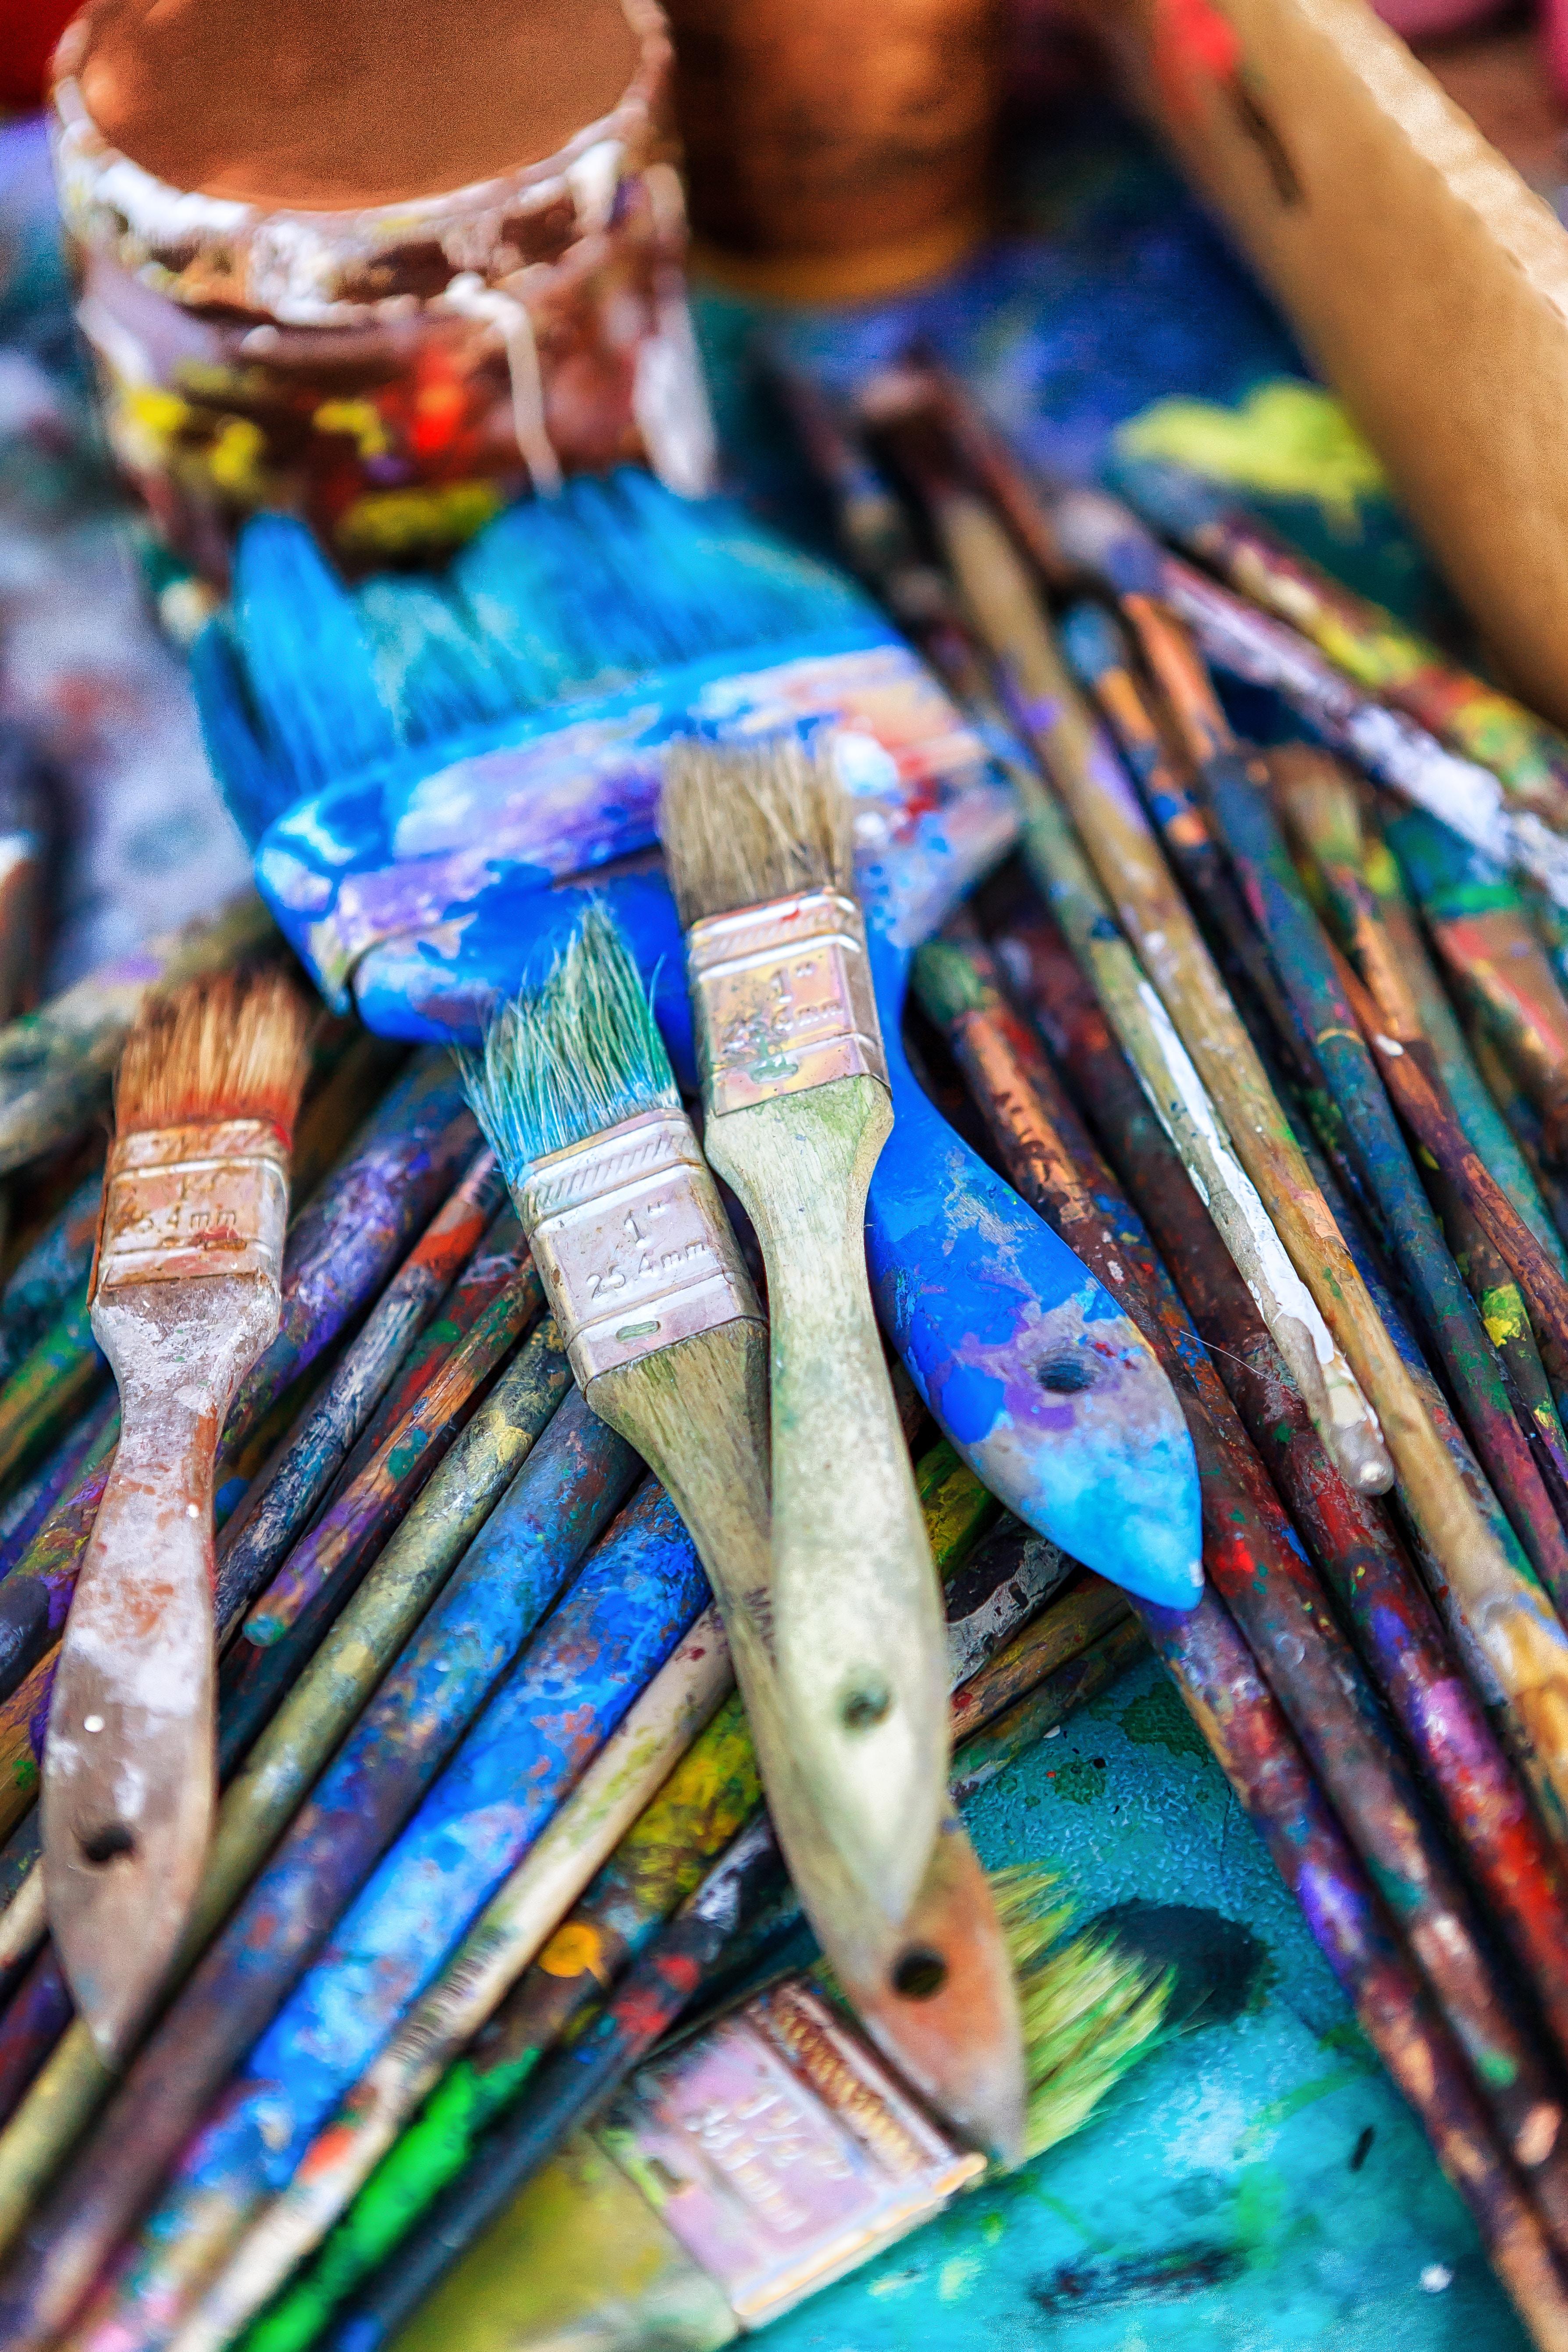 5th Annual Teen Art Contest & Art Show